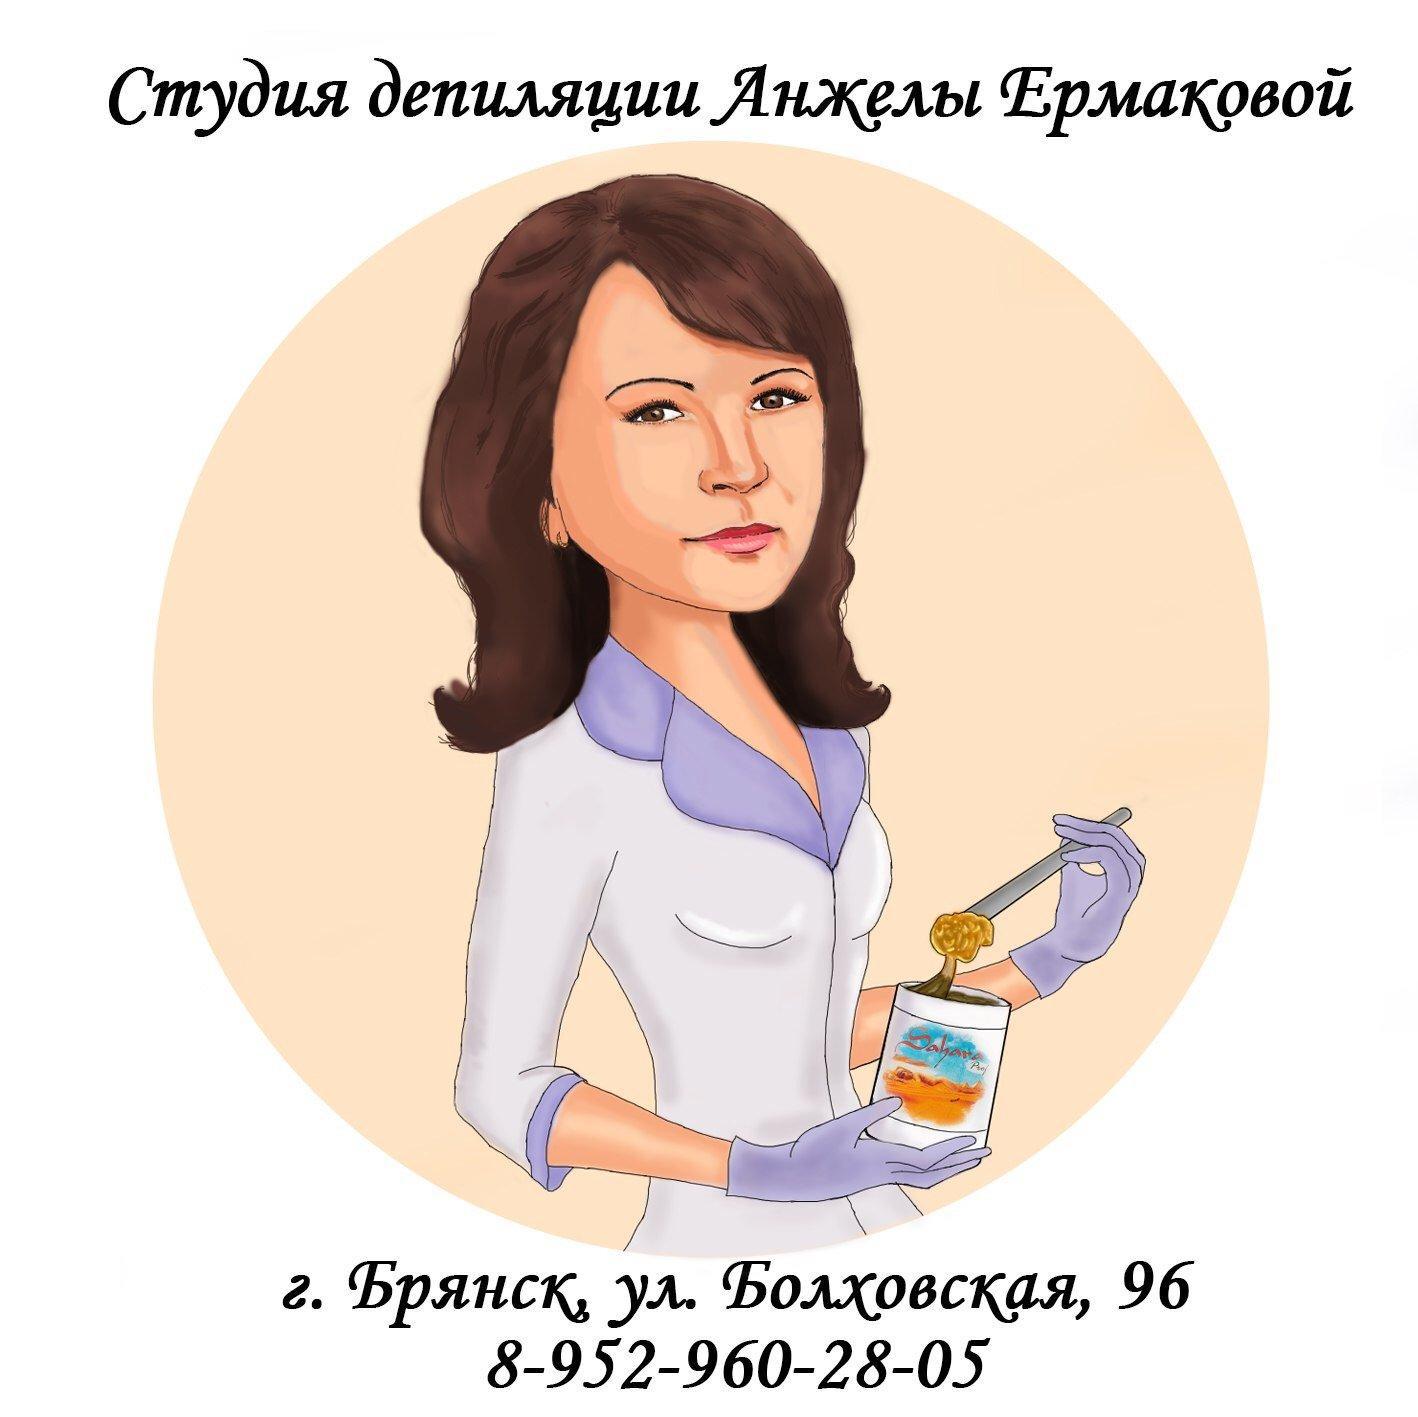 фотография Кабинета эстетической косметологии Анжелы Ермаковой на Болховской улице